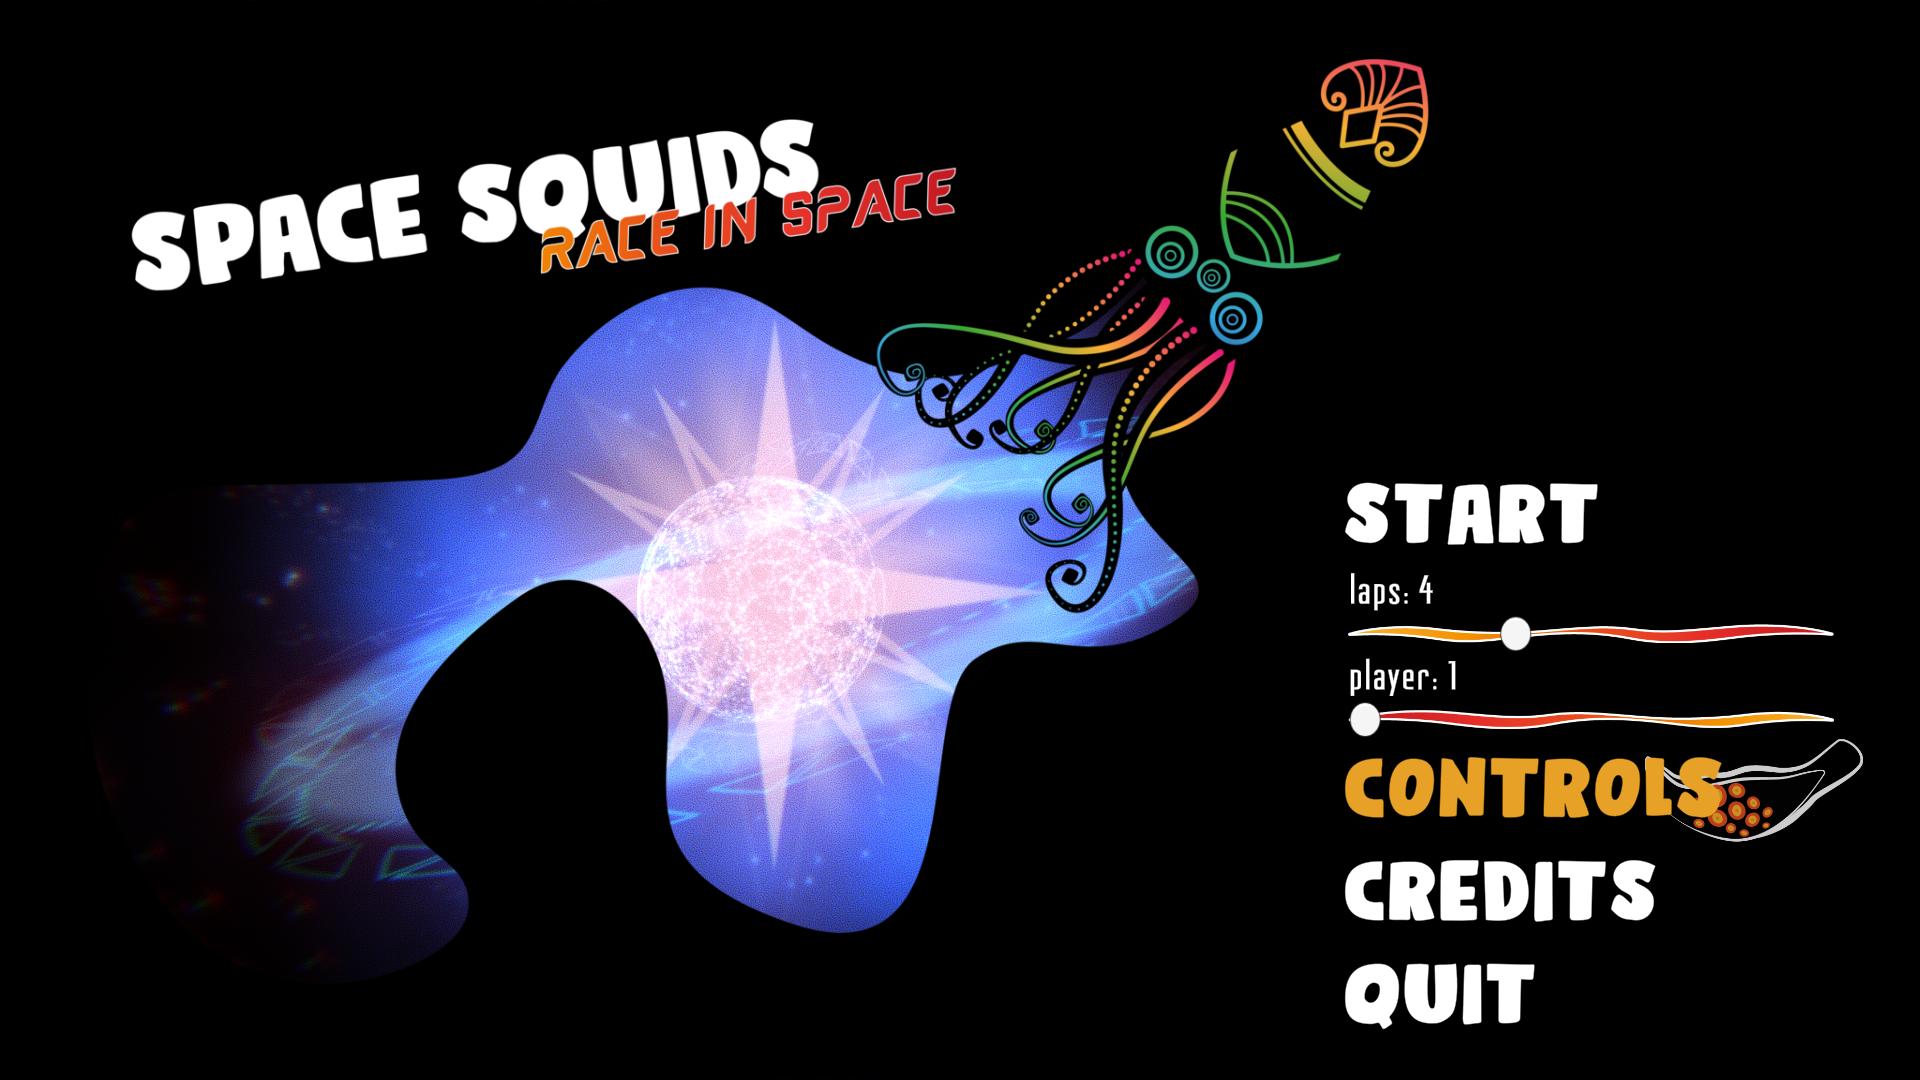 Space Squids: Race in Space, Main Menu